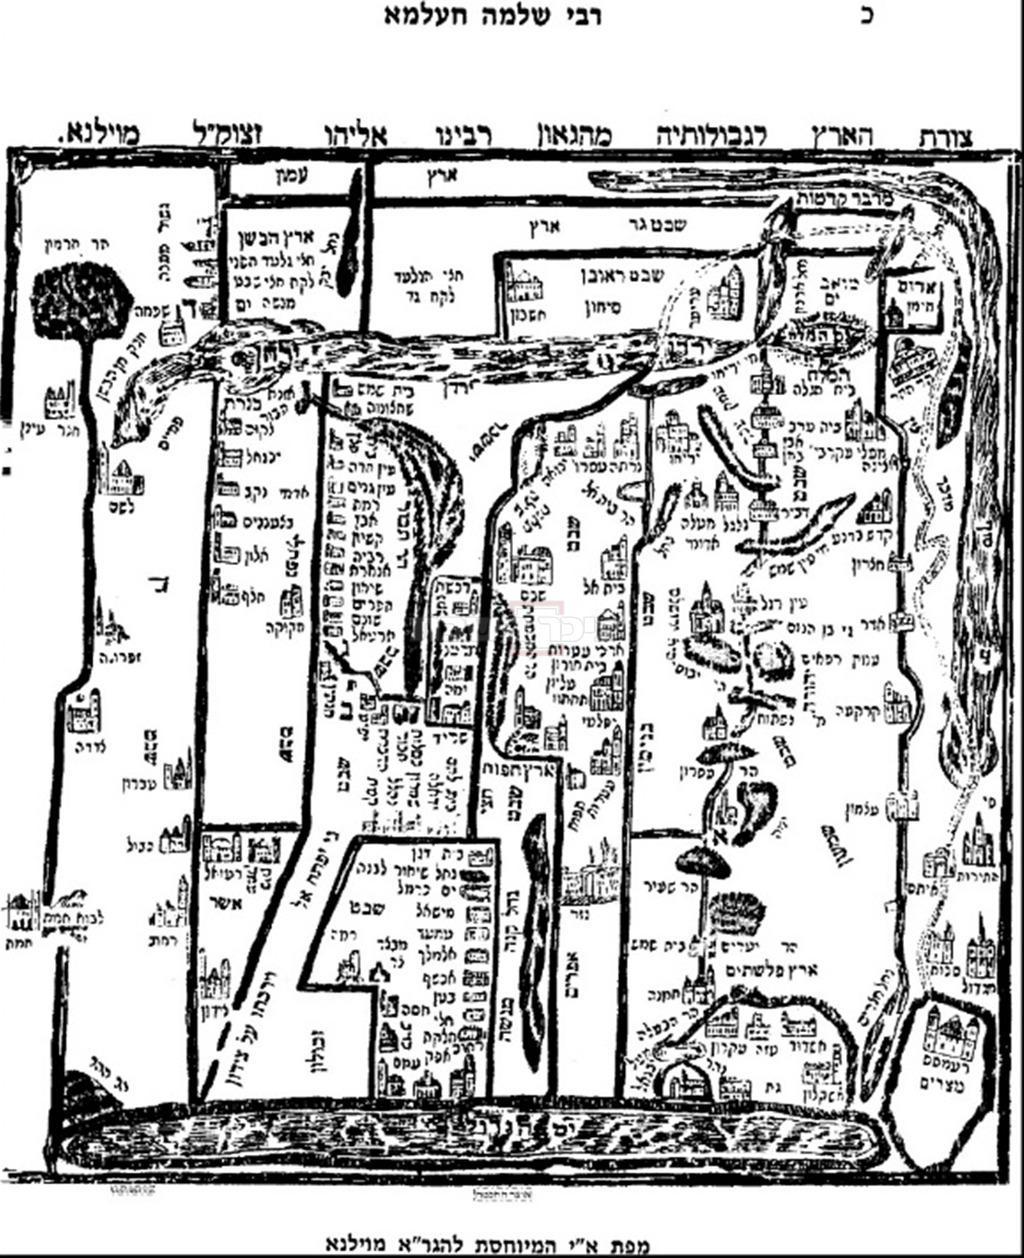 מפה המיוחסת לגר''א מוילנה, הובא בספר חוג הארץ לגה''ק רבי שלמה מחלמא (באדיבות אוצר החכמה)